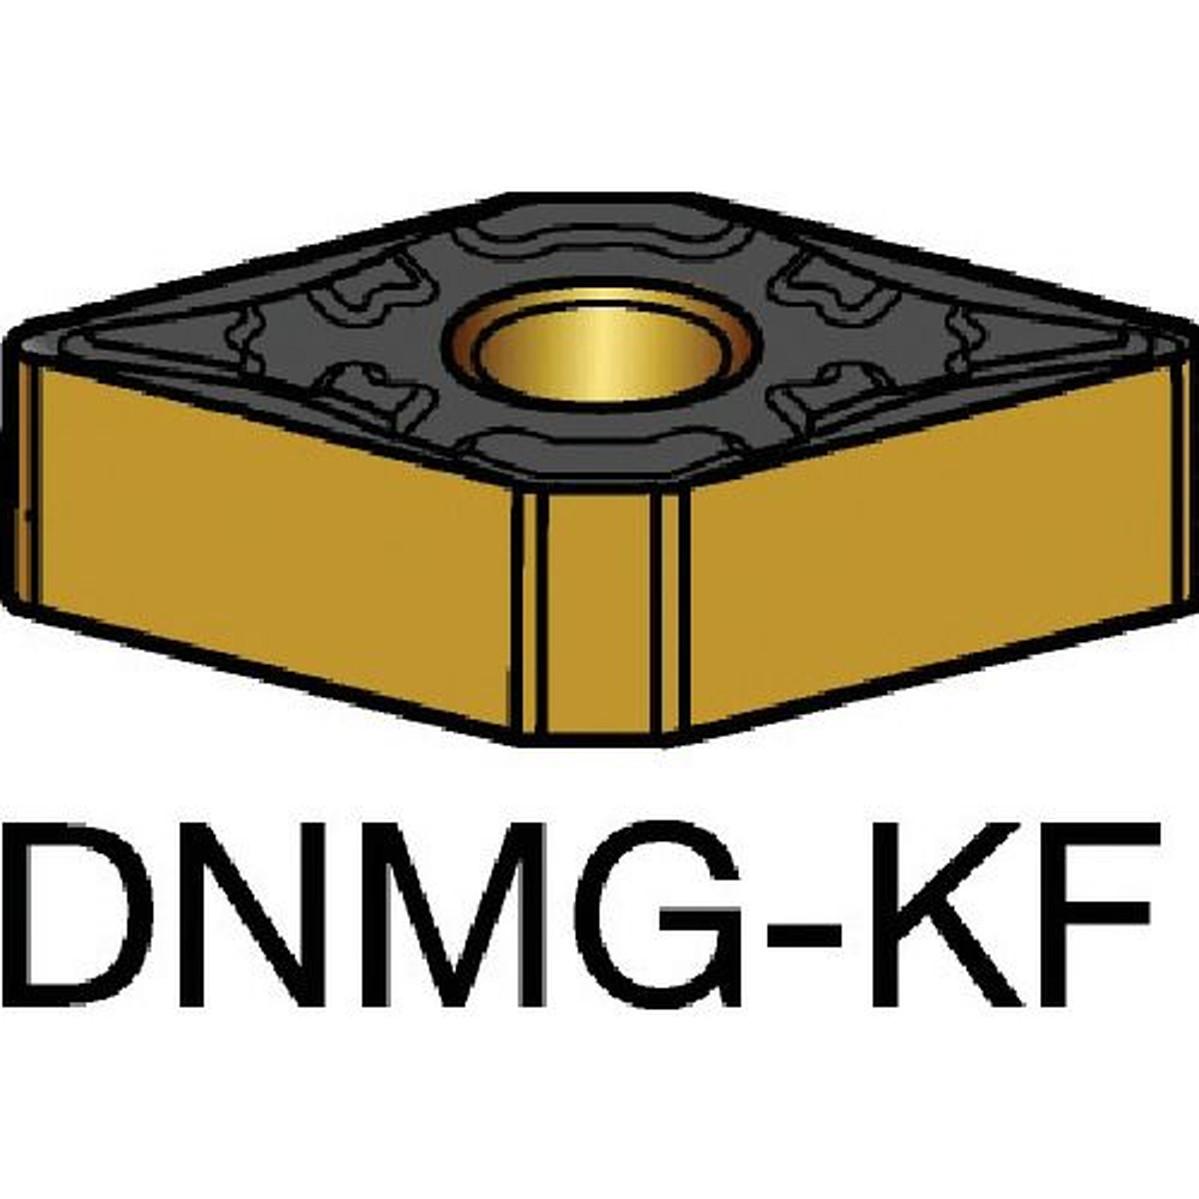 新しいエルメス サンドビック チップ サンドビック 3005 チップ 3005 10個, フェアリーチェPlus:2f876df4 --- bungsu.net